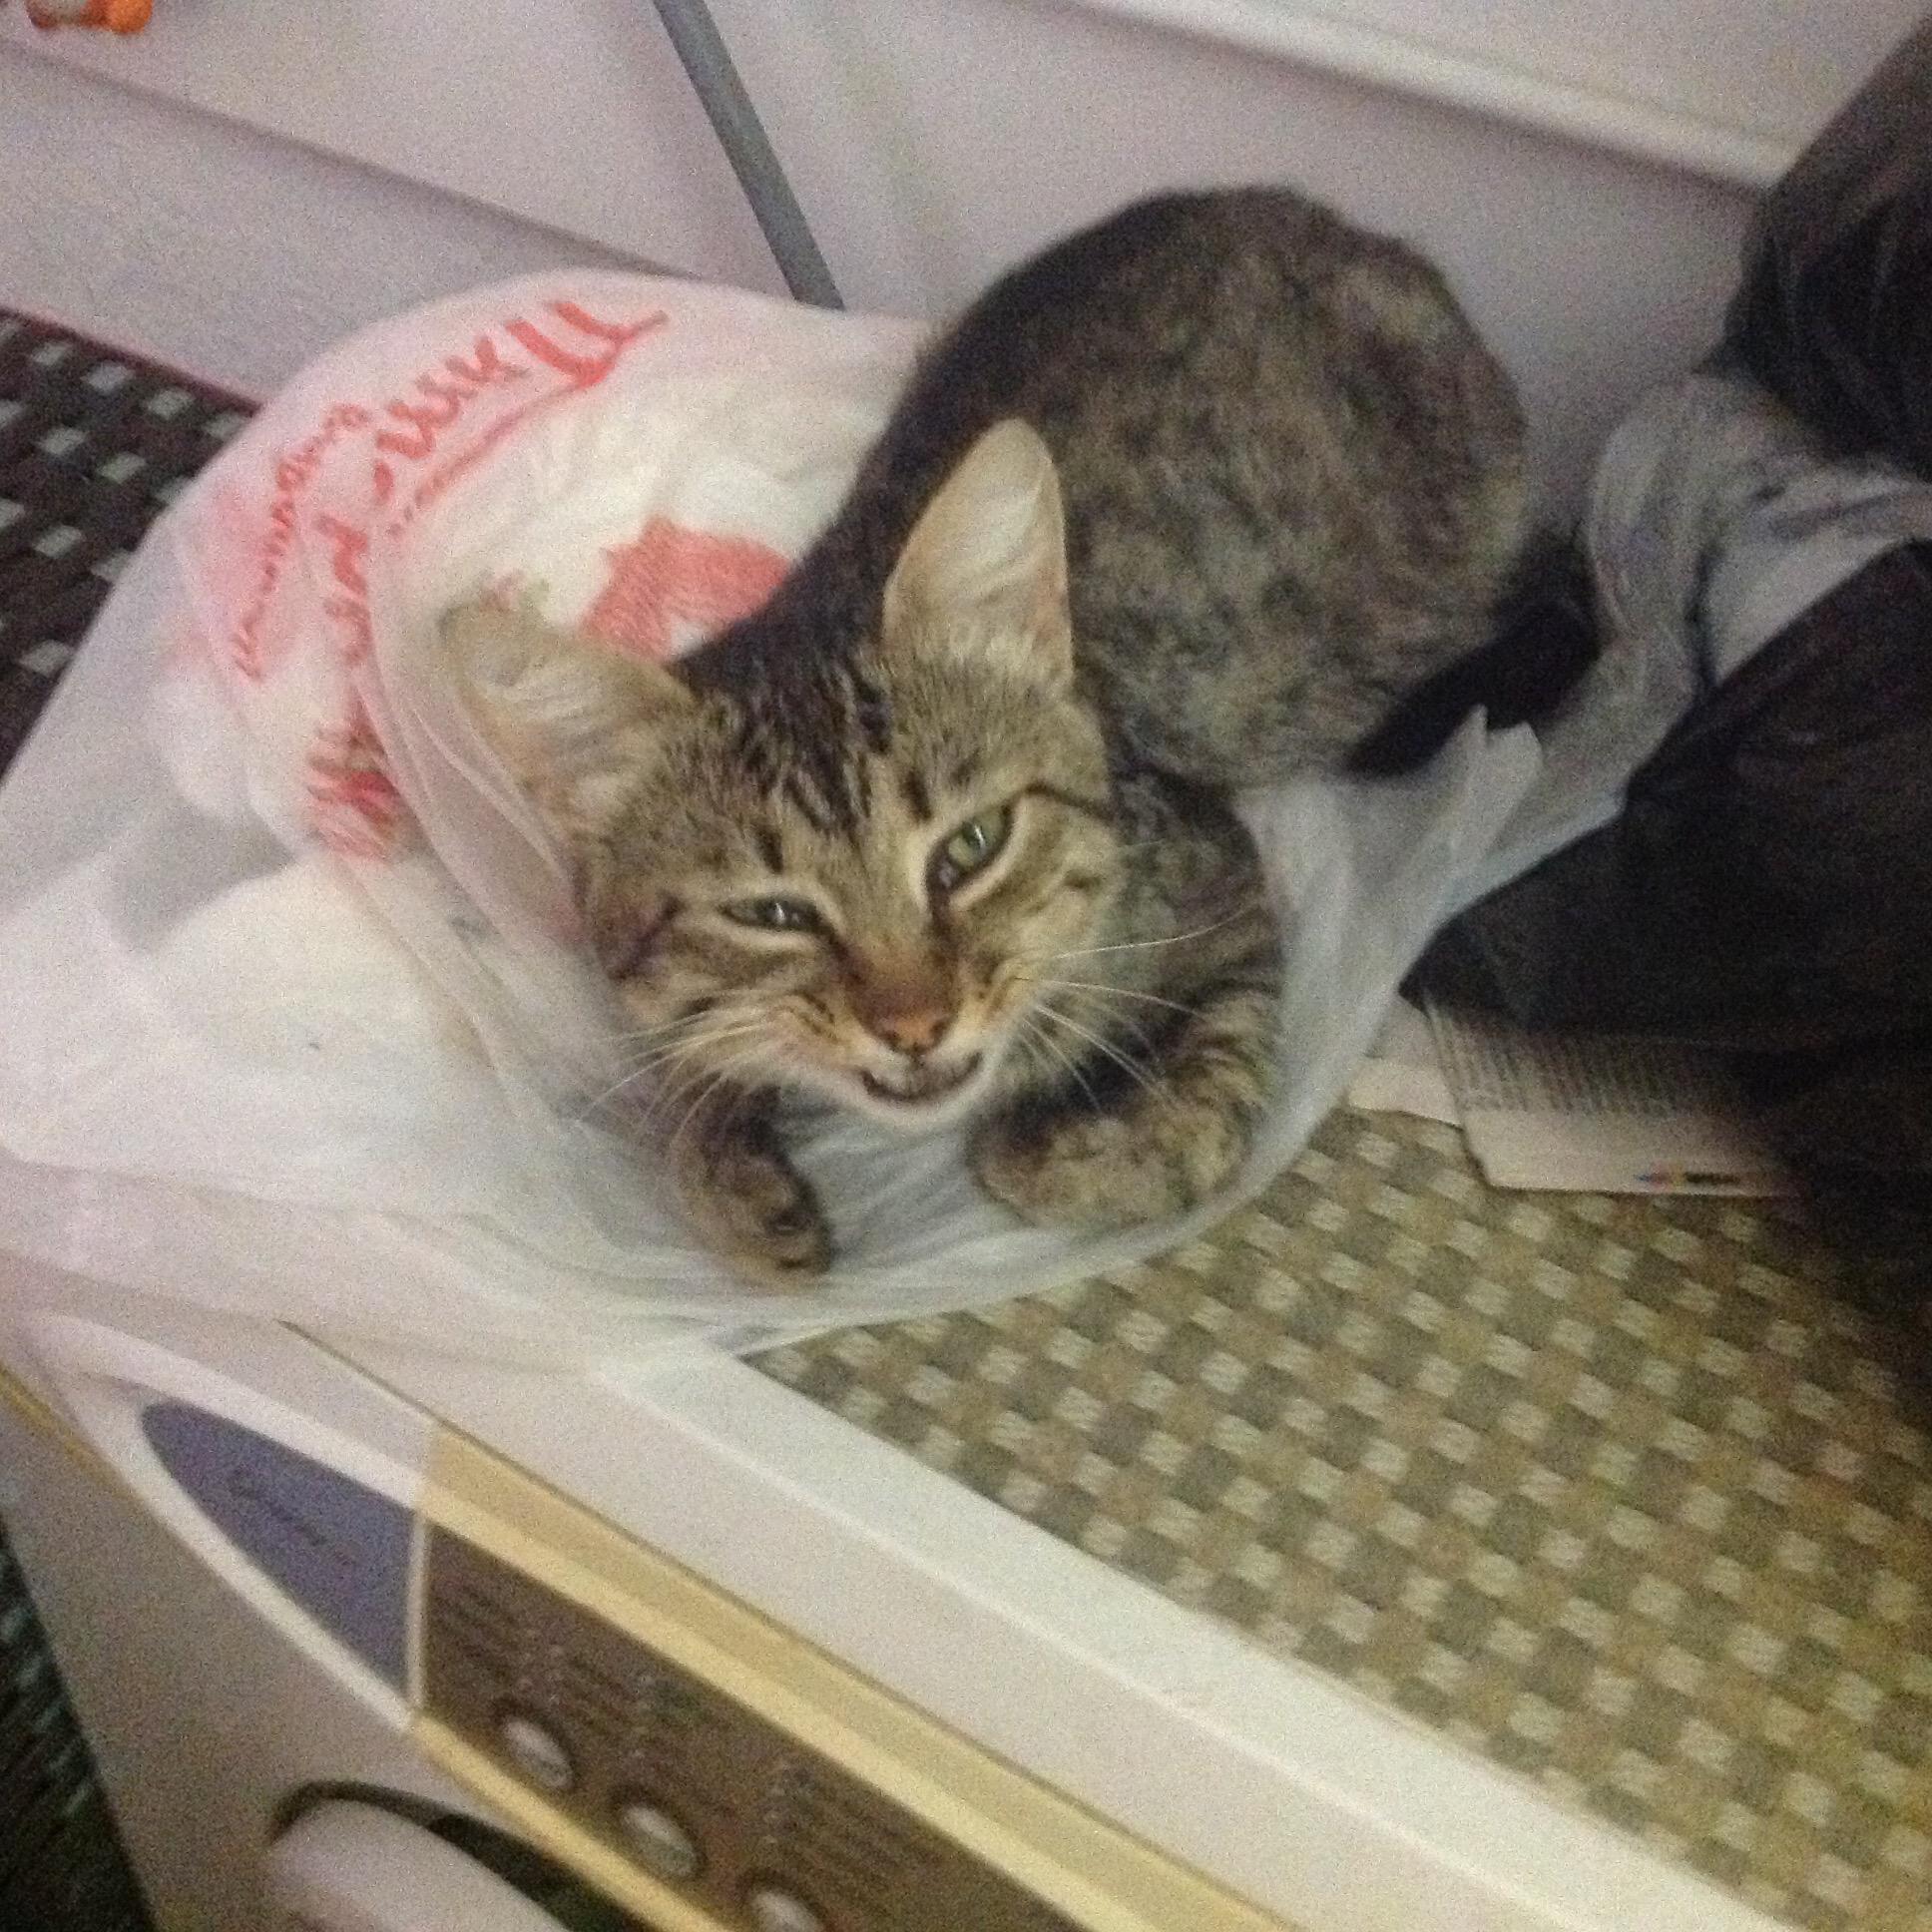 Мой Кот Резко Похудел. Почему кошка стала худеть, если ест плохо или хорошо, что это может быть: причины потери веса